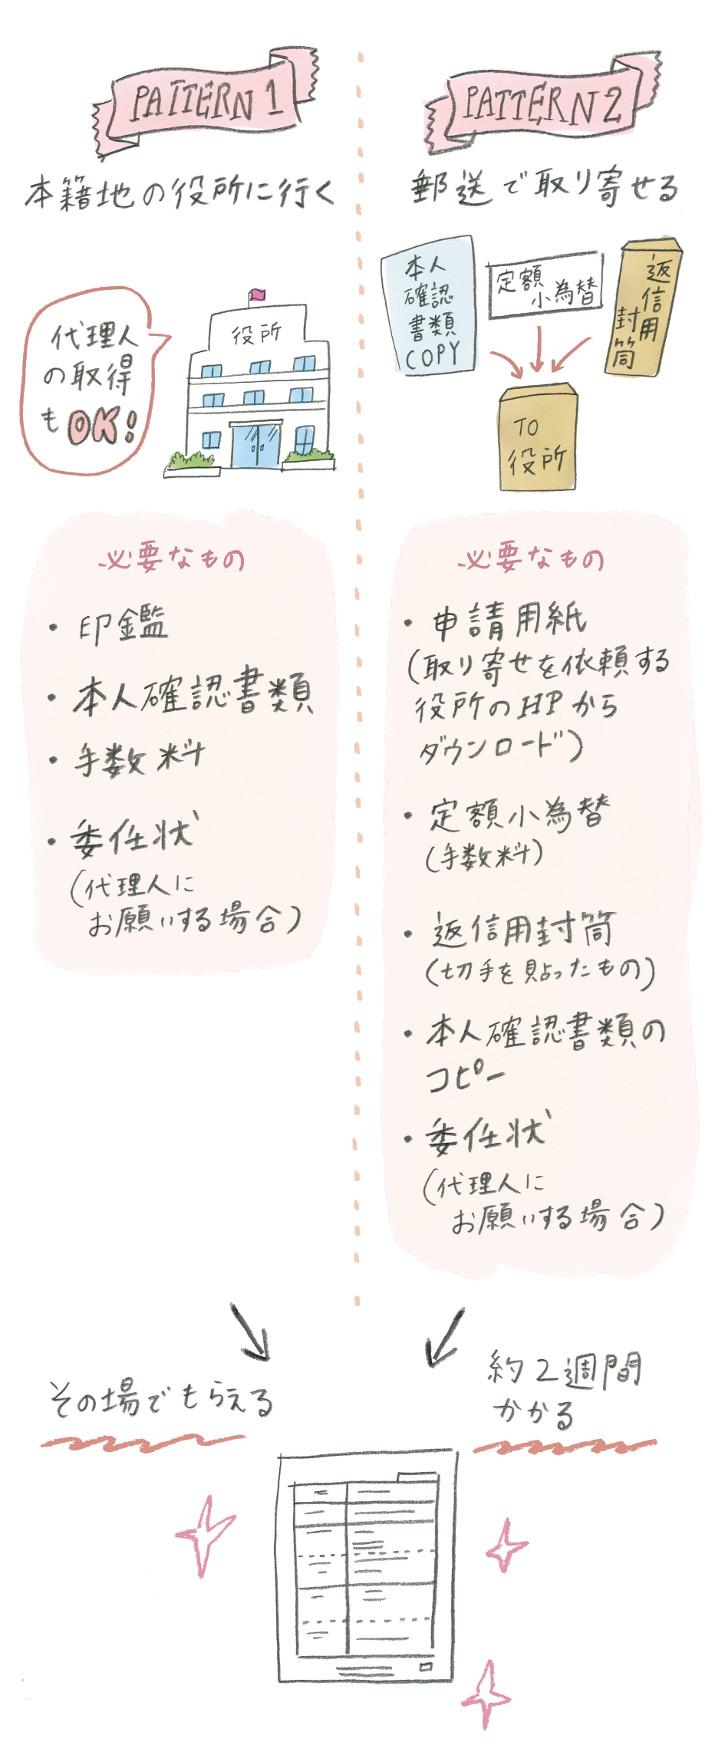 戸籍謄本の入手方法